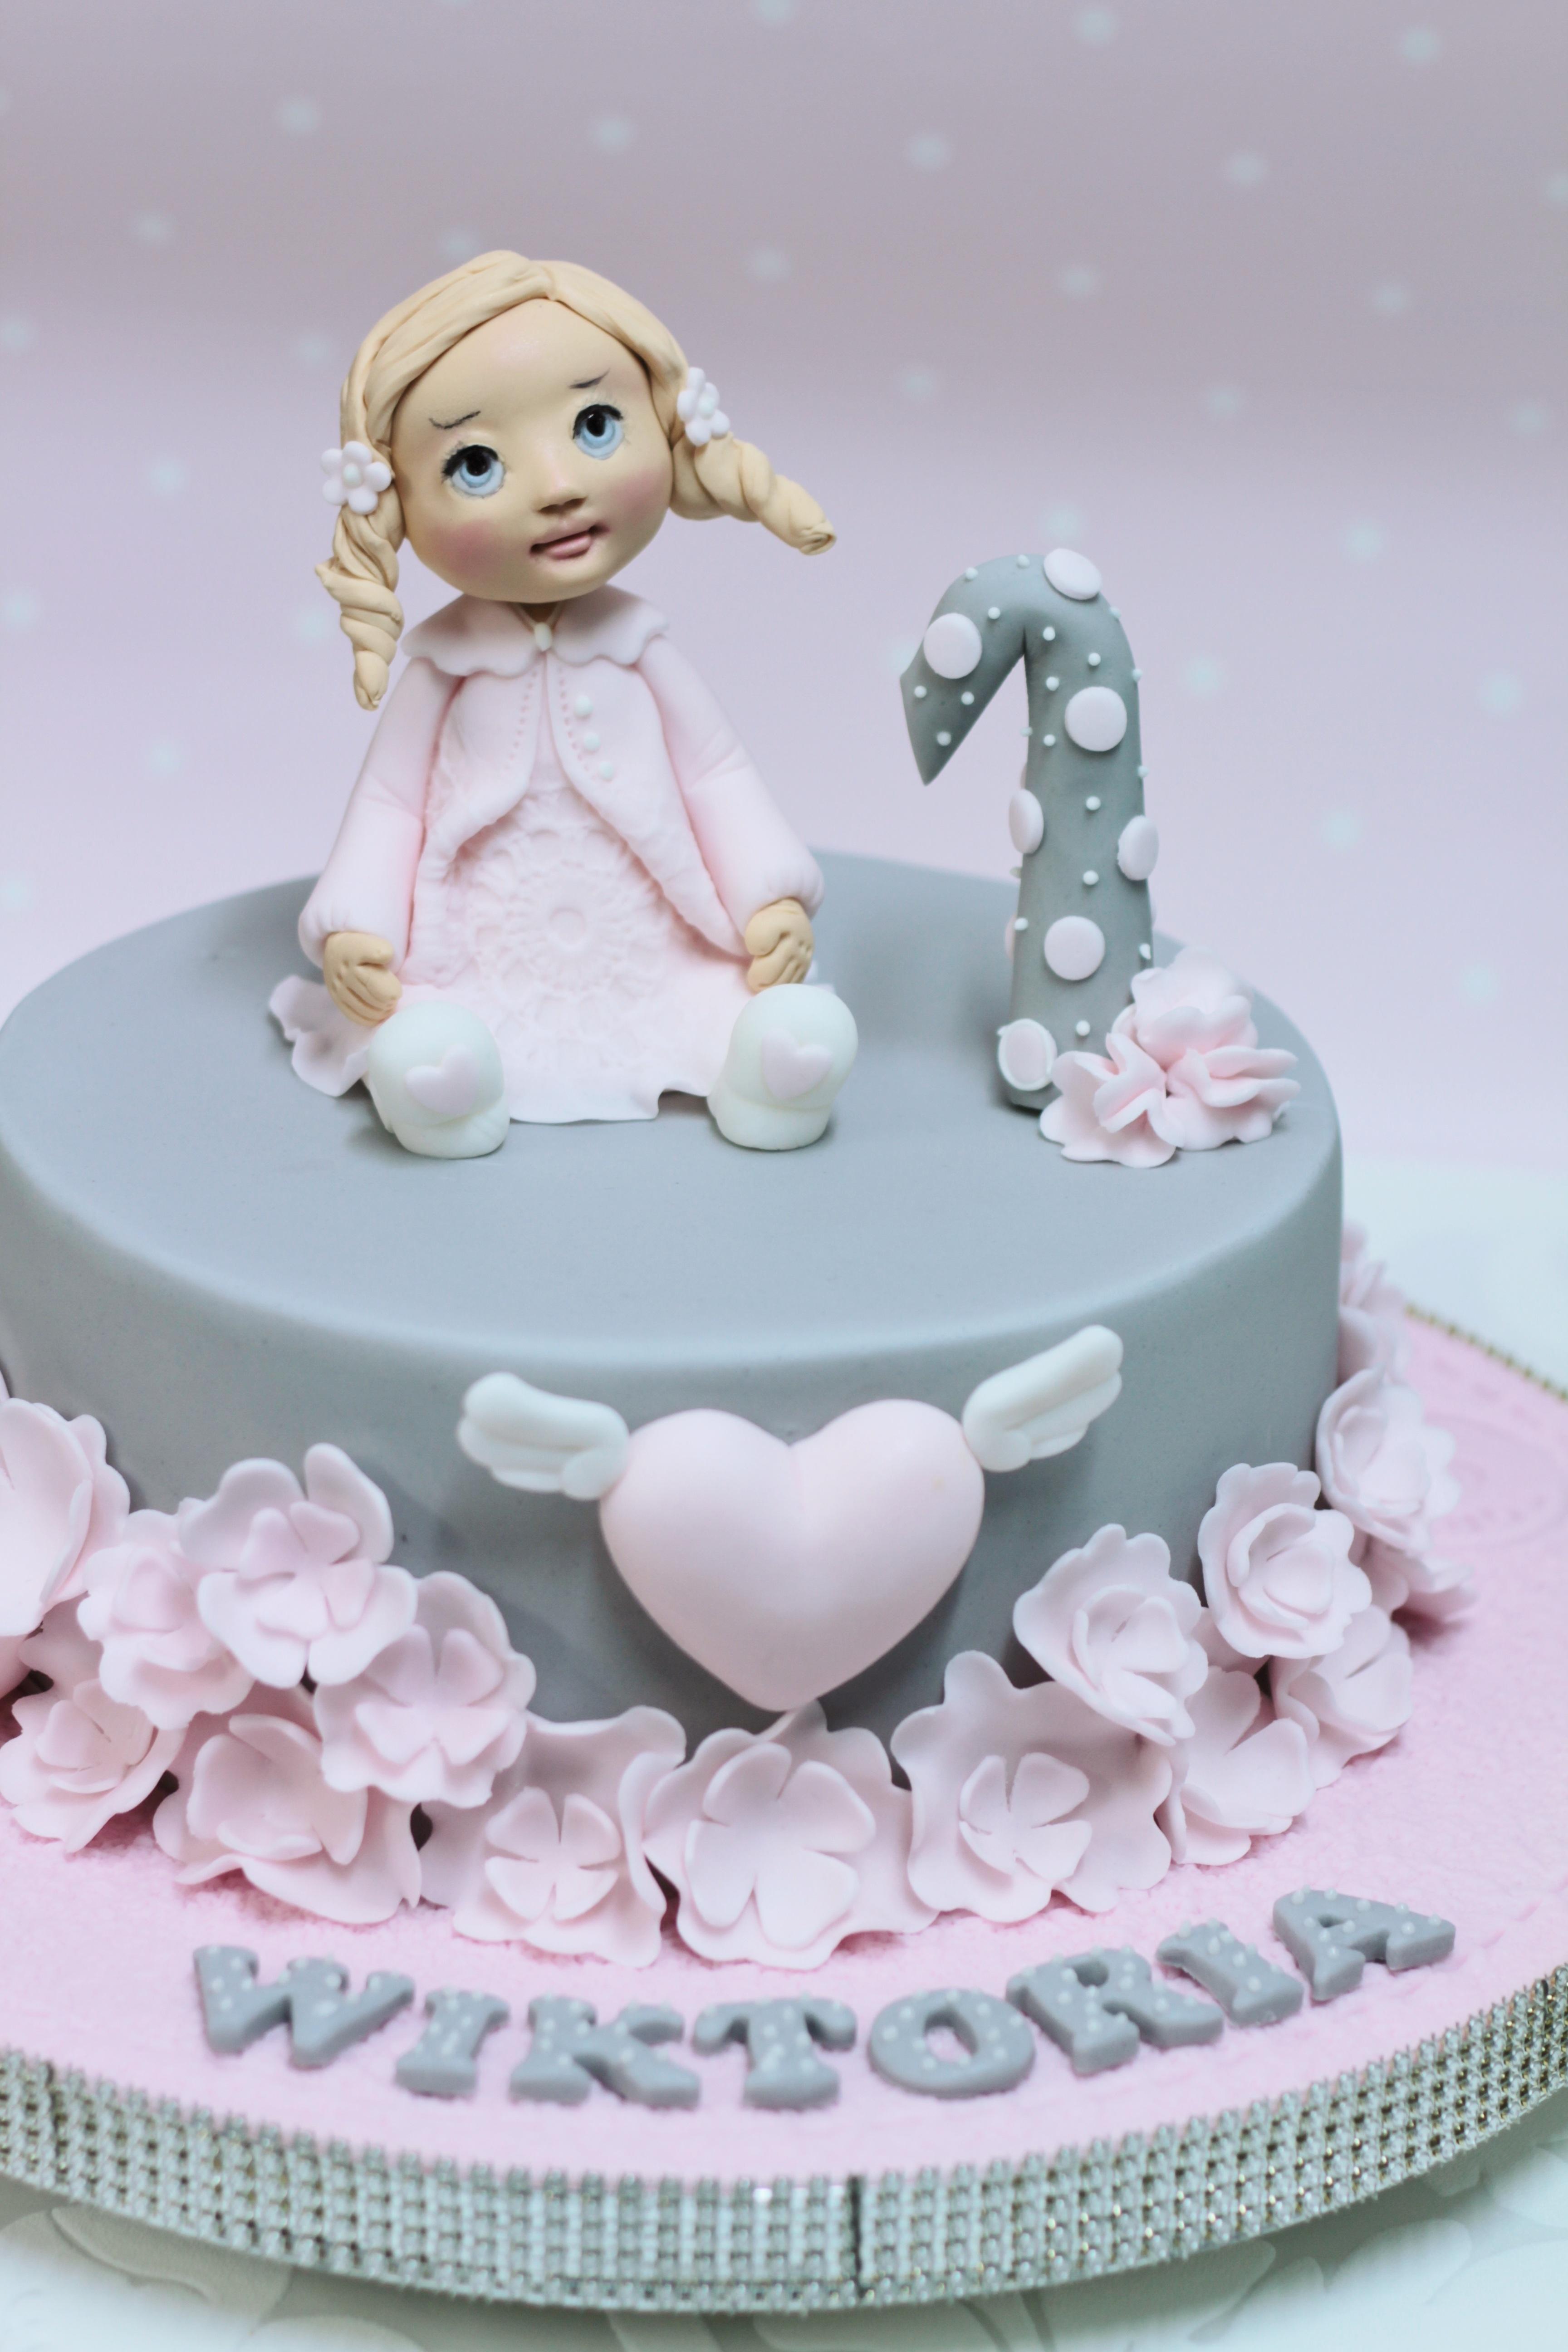 fotos gratis creativo decoracin comida rosado postre cocina pastel de cumpleaos formacin de hielo fondant productos horneados el arte de